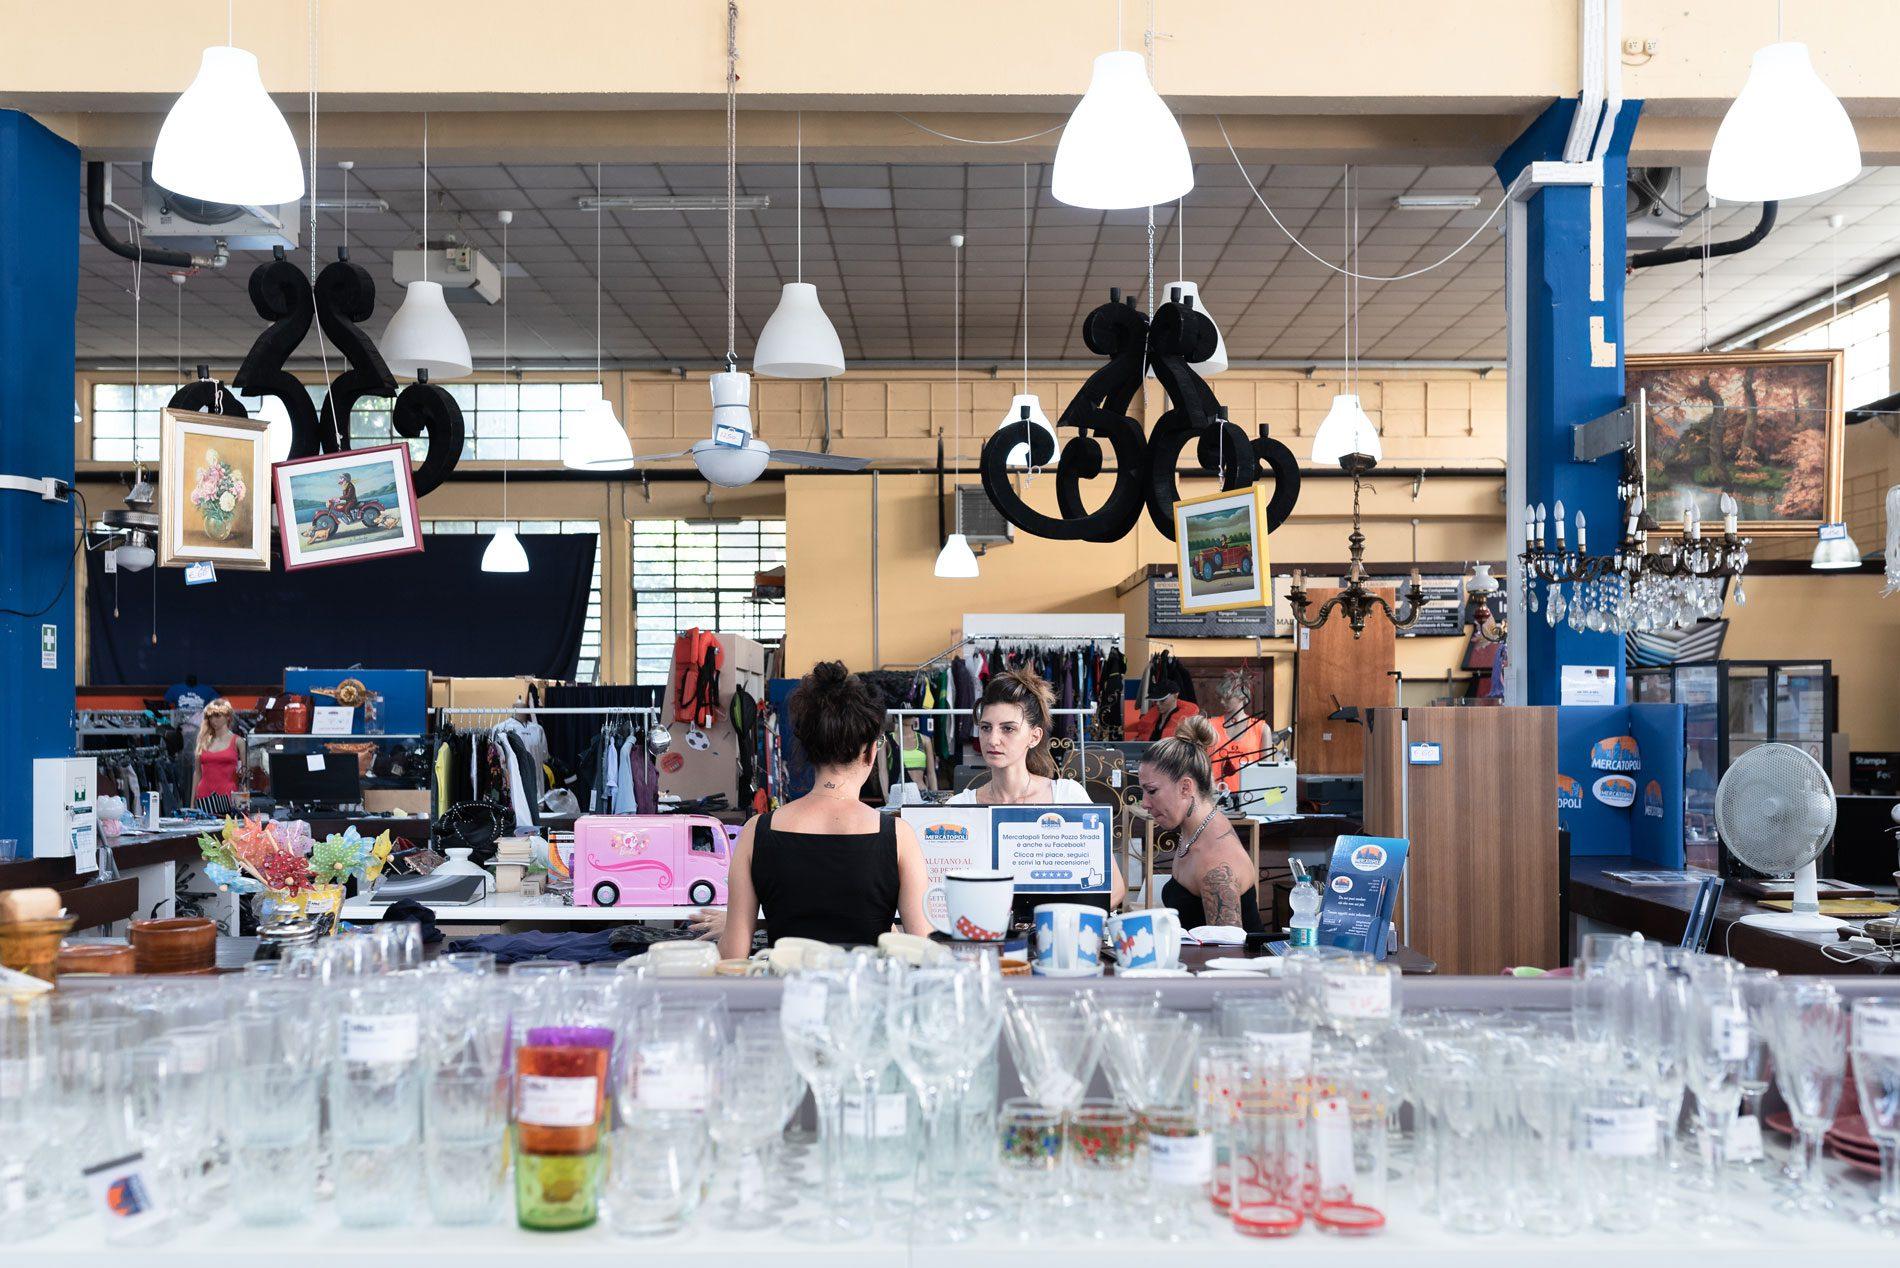 mercatopoli negozio dell'usato a torino